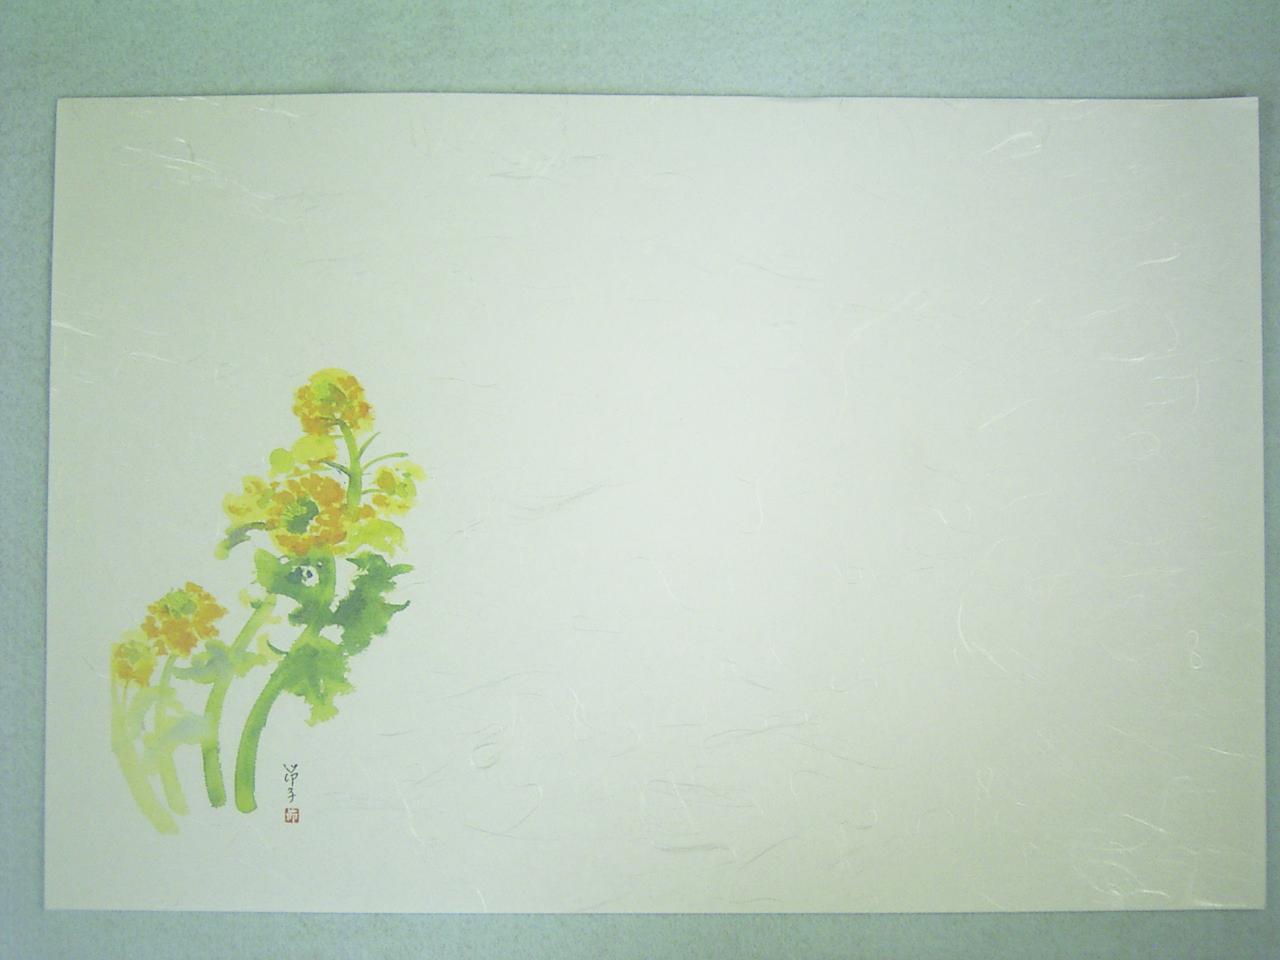 テーブルマット 和風輝「菜の花」 265×390mm 100枚